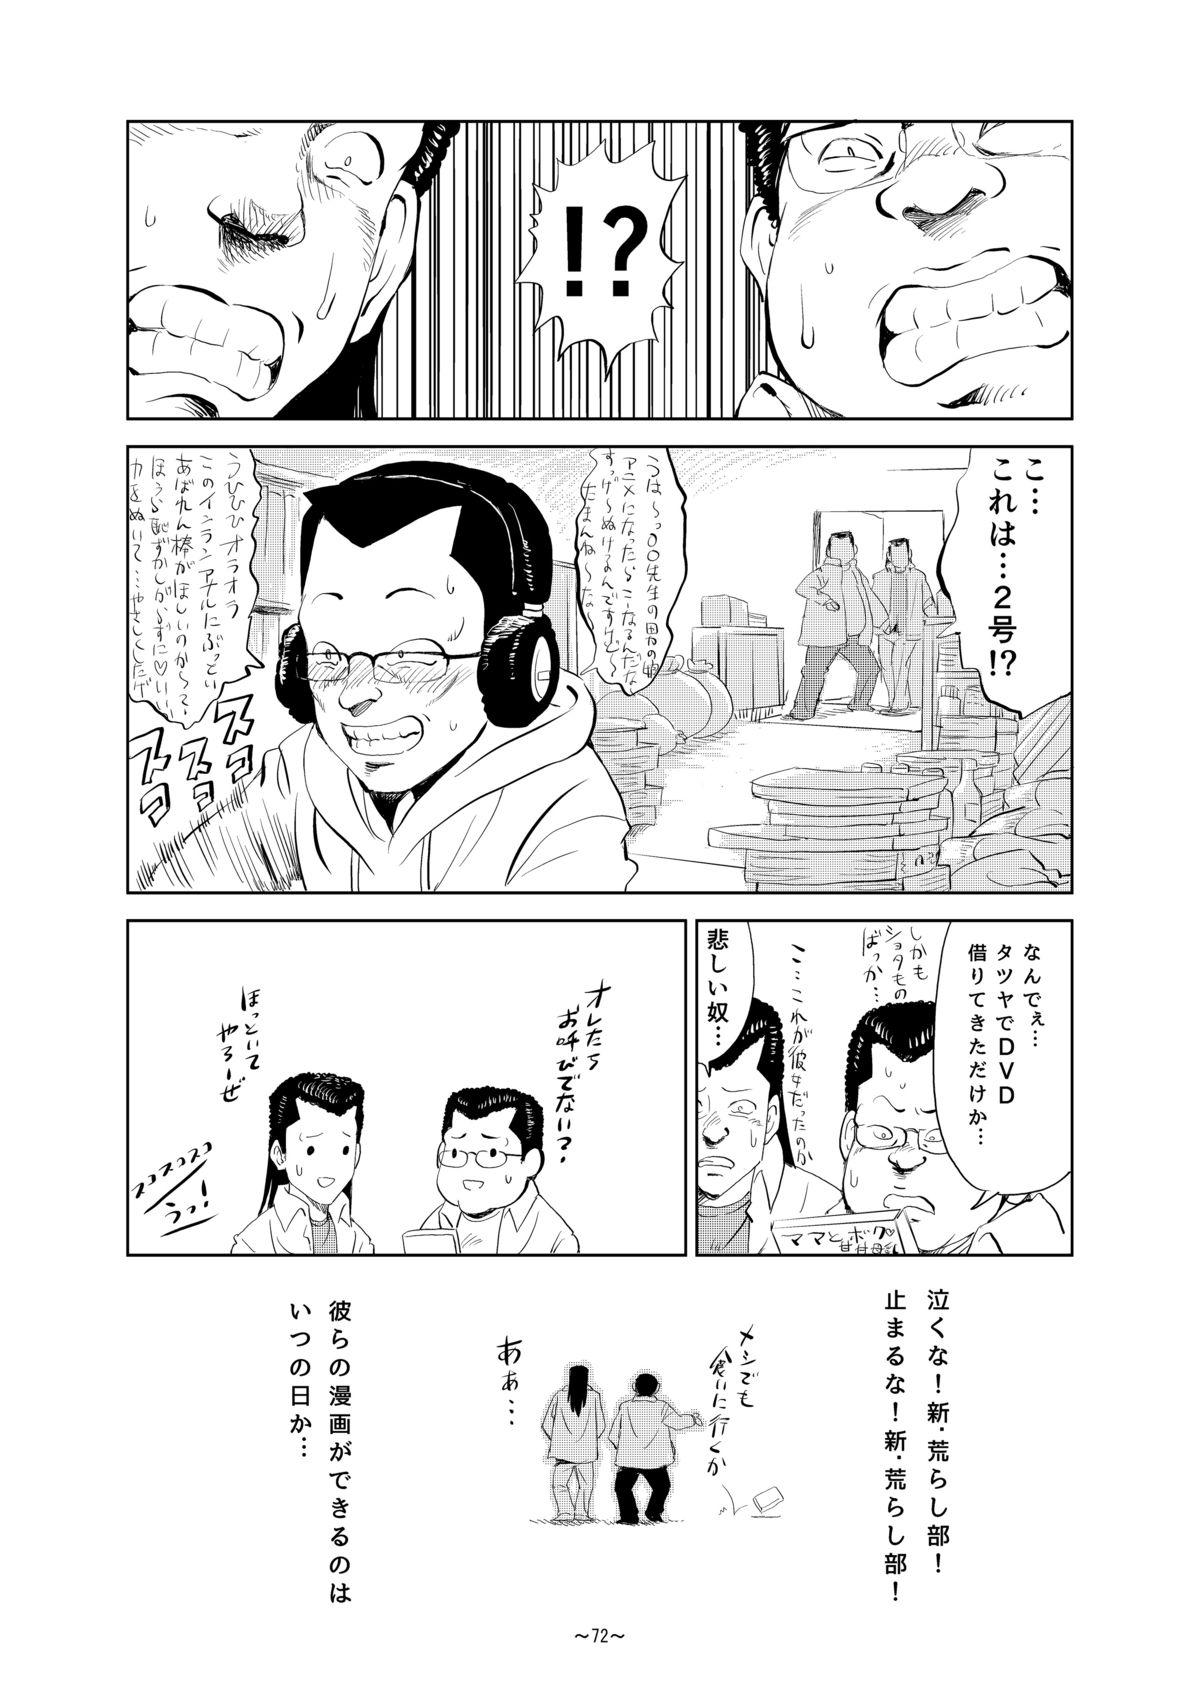 Zettai ni Zenmetsushite wa Ikenai DraQue 72